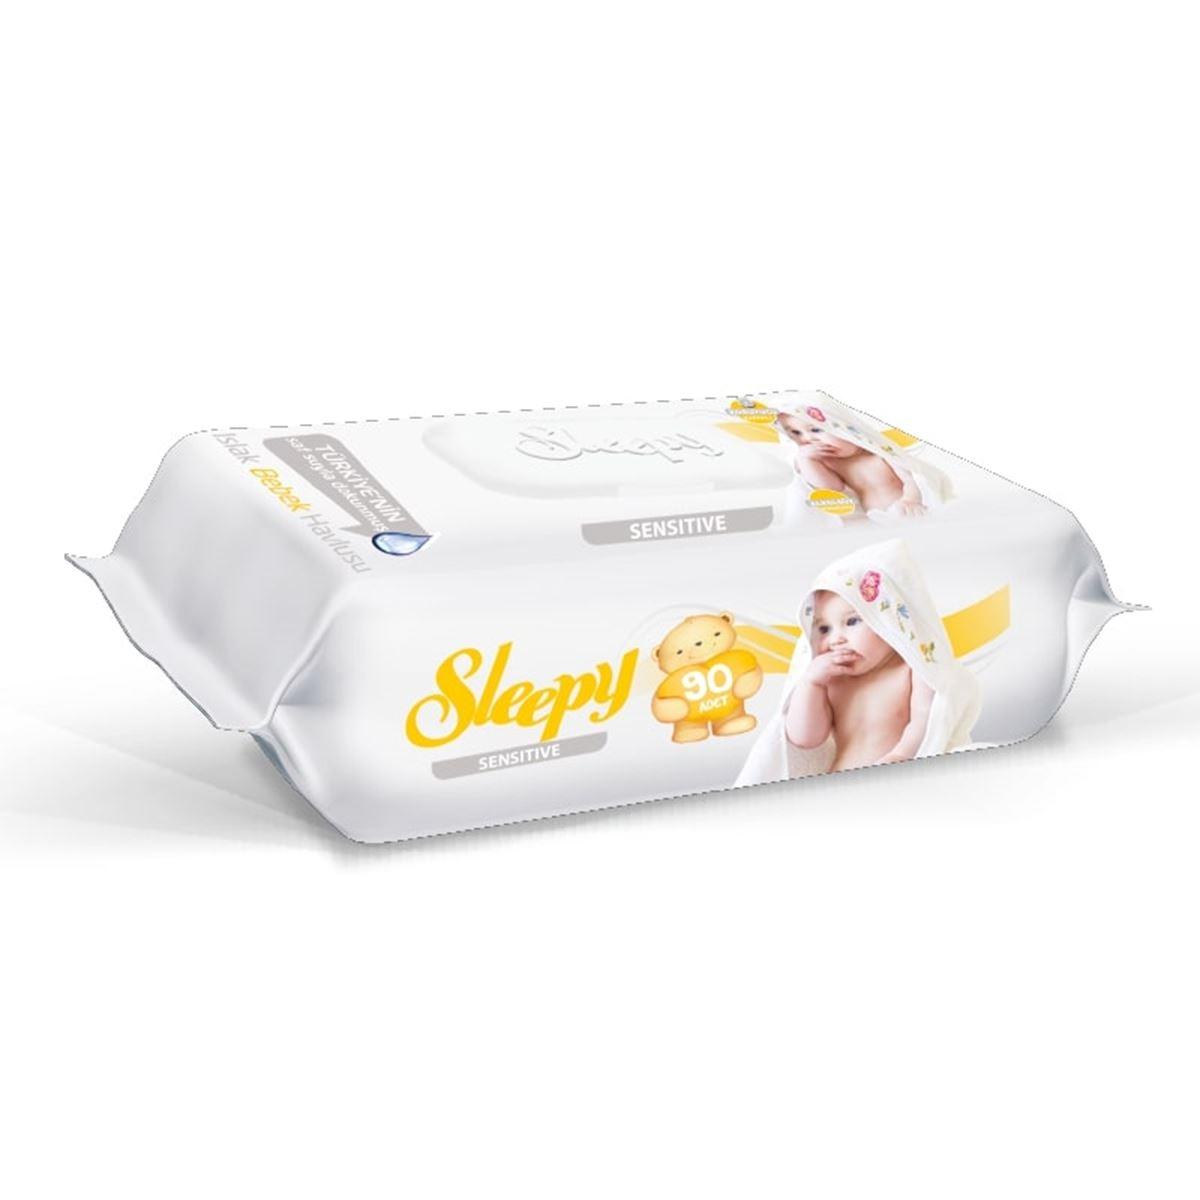 Sleepy Sensitive Islak Havlu 90 lı